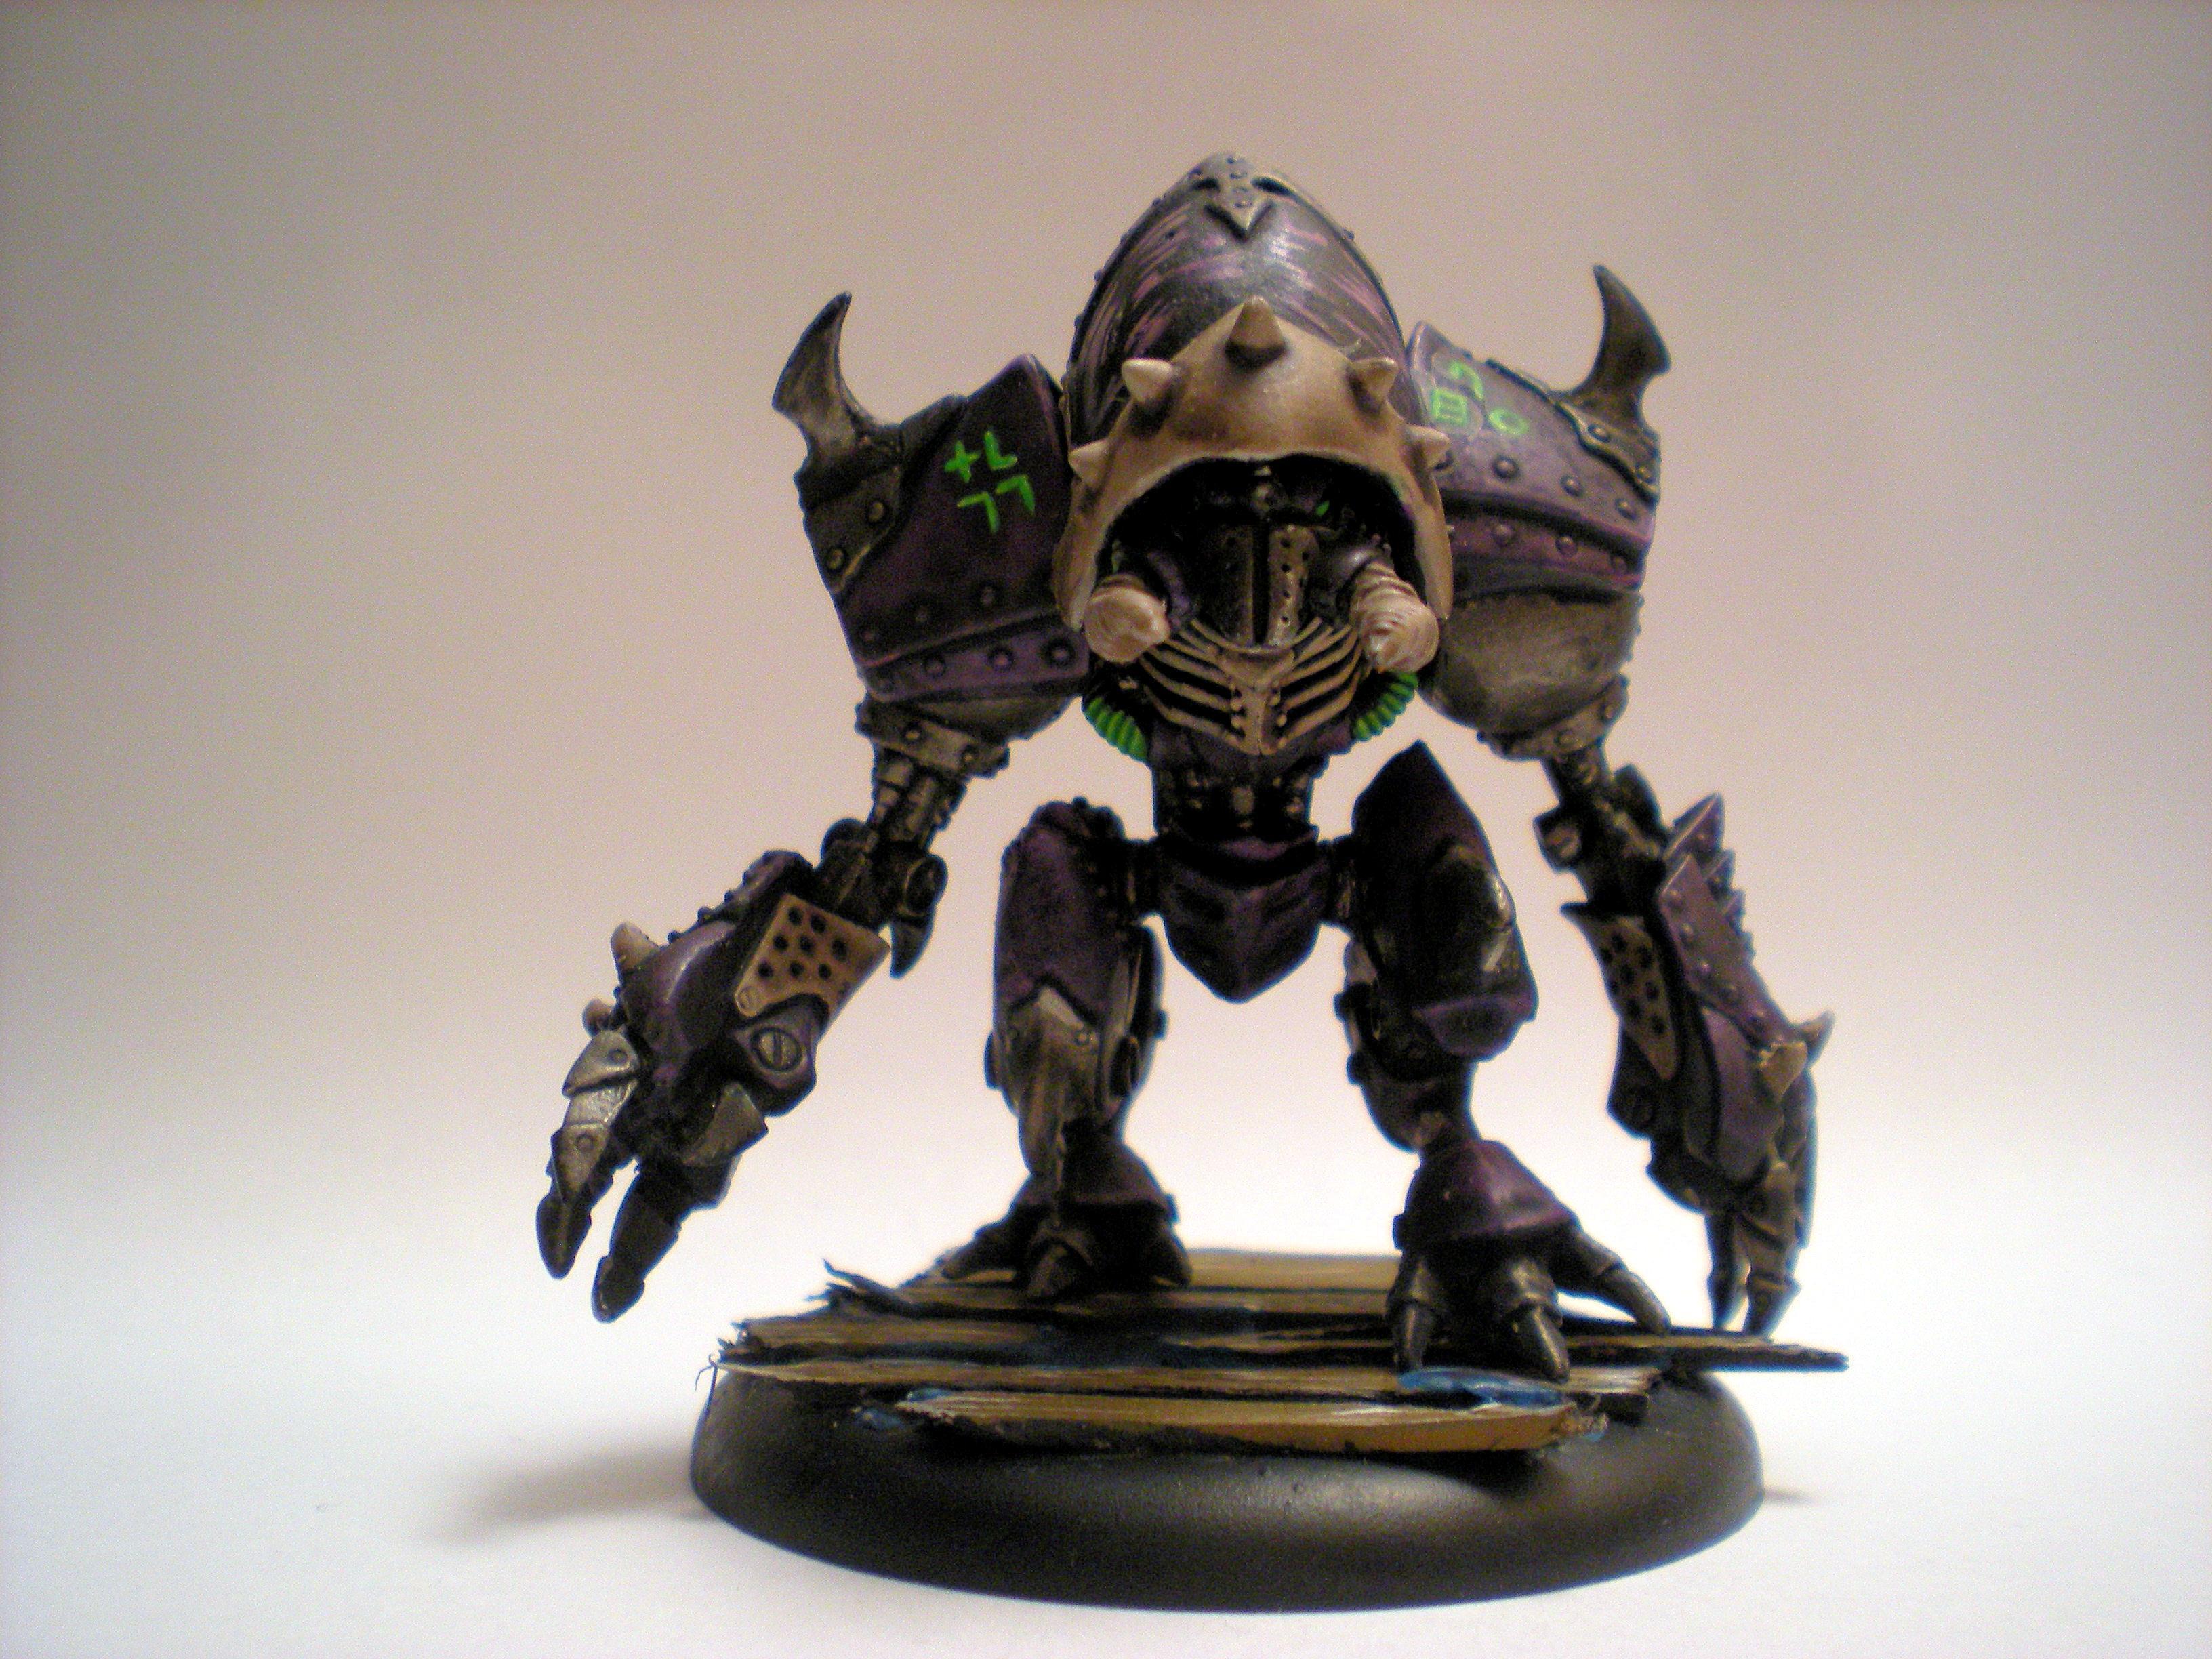 Bone, Cryx, Iron Kingdoms, Pirates, Purple, Slayer, Warjack, Warmachine